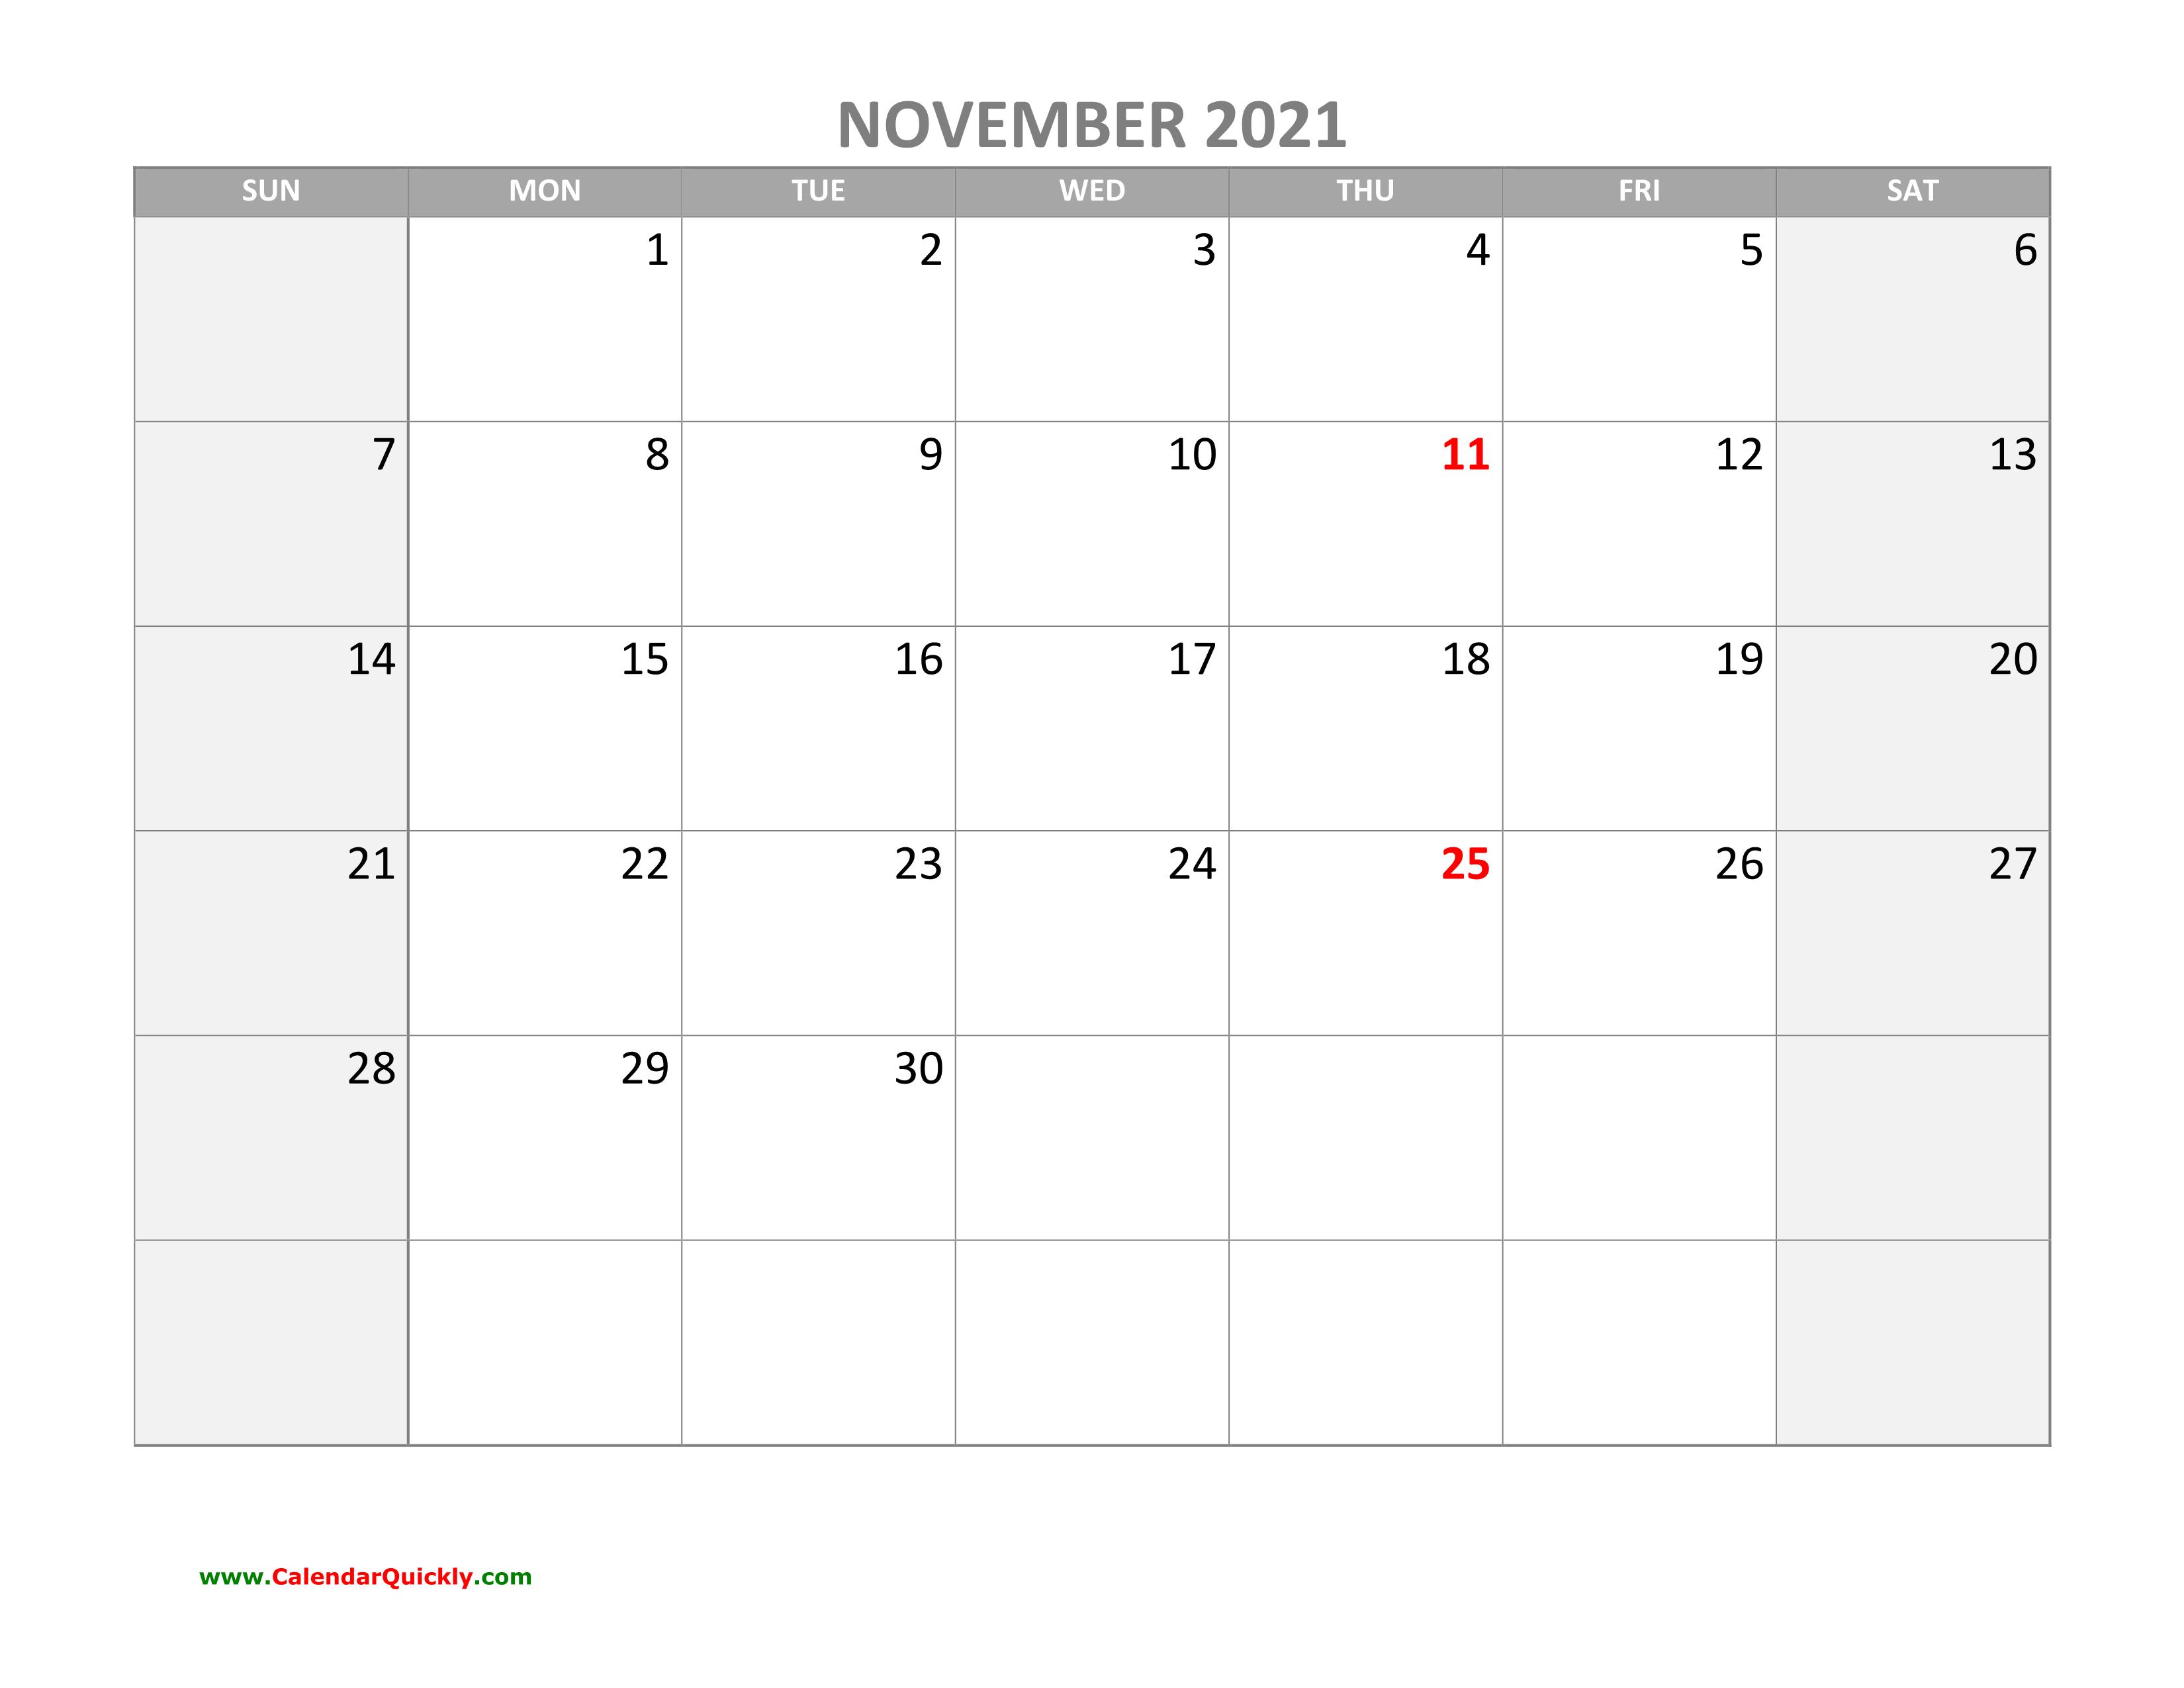 November Calendar 2021 with Holidays   Calendar Quickly